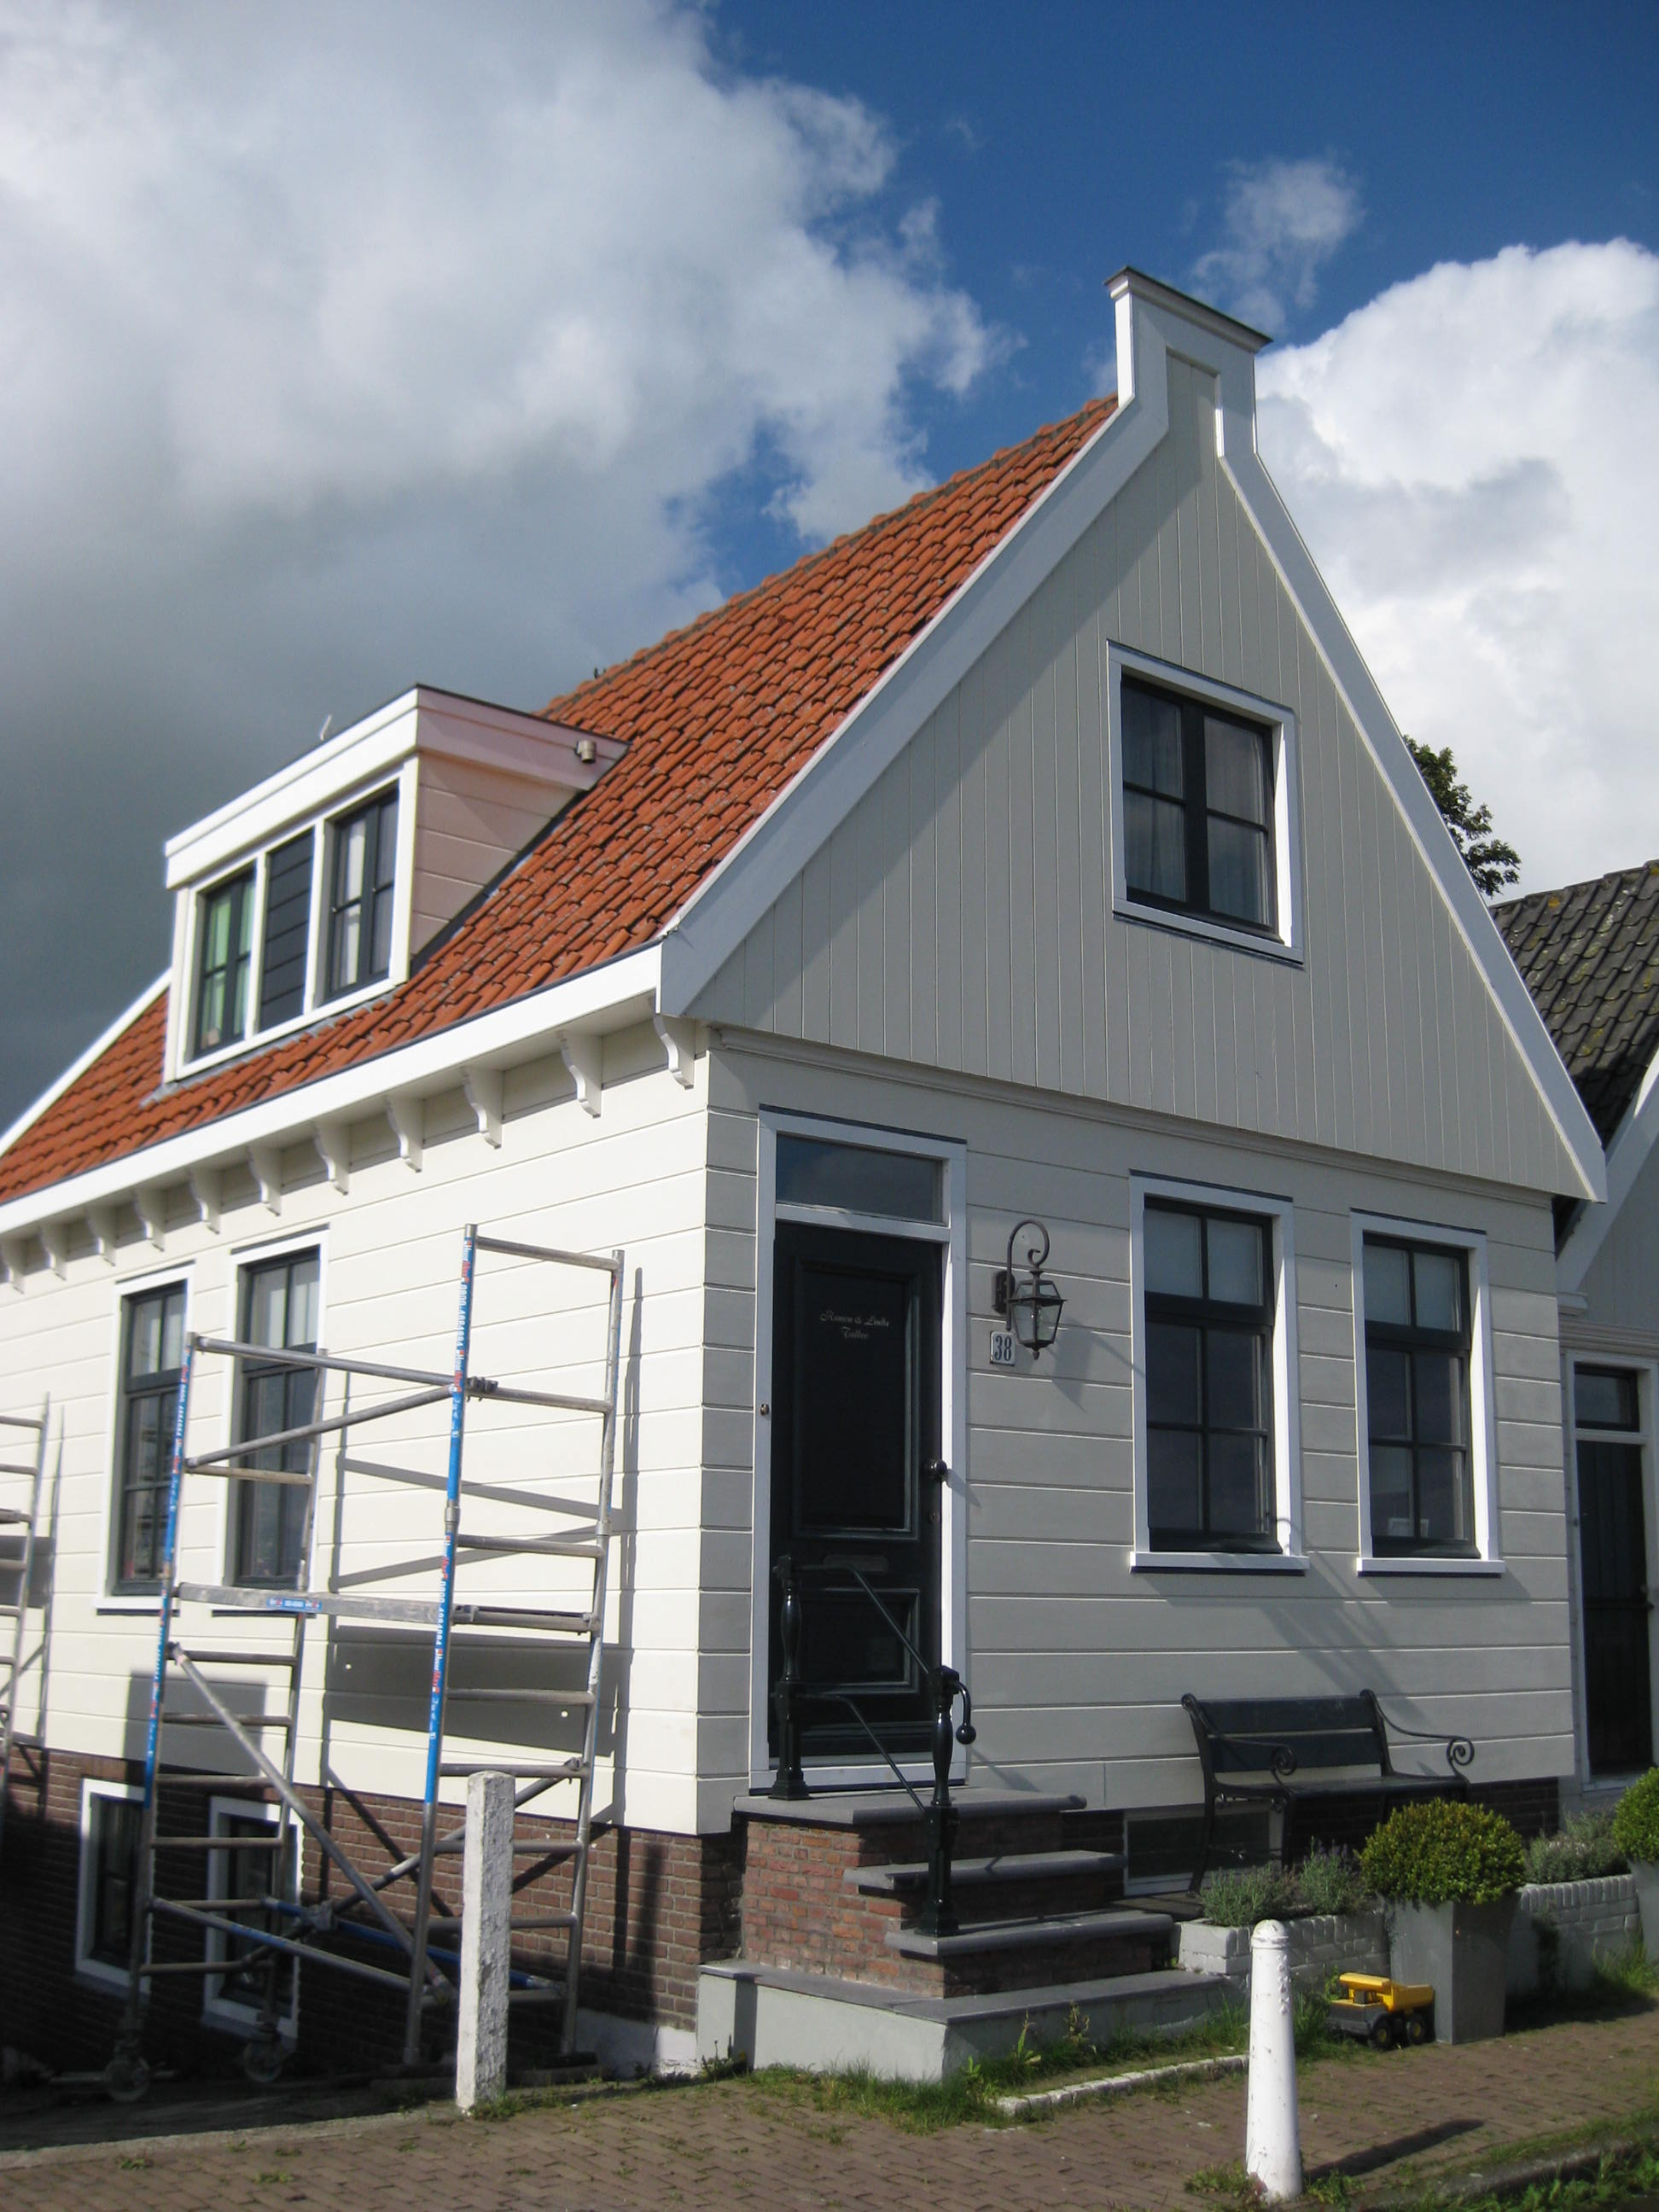 Houten huis voorschot in puntvorm goede pui in amsterdam monument - Houten huis ...